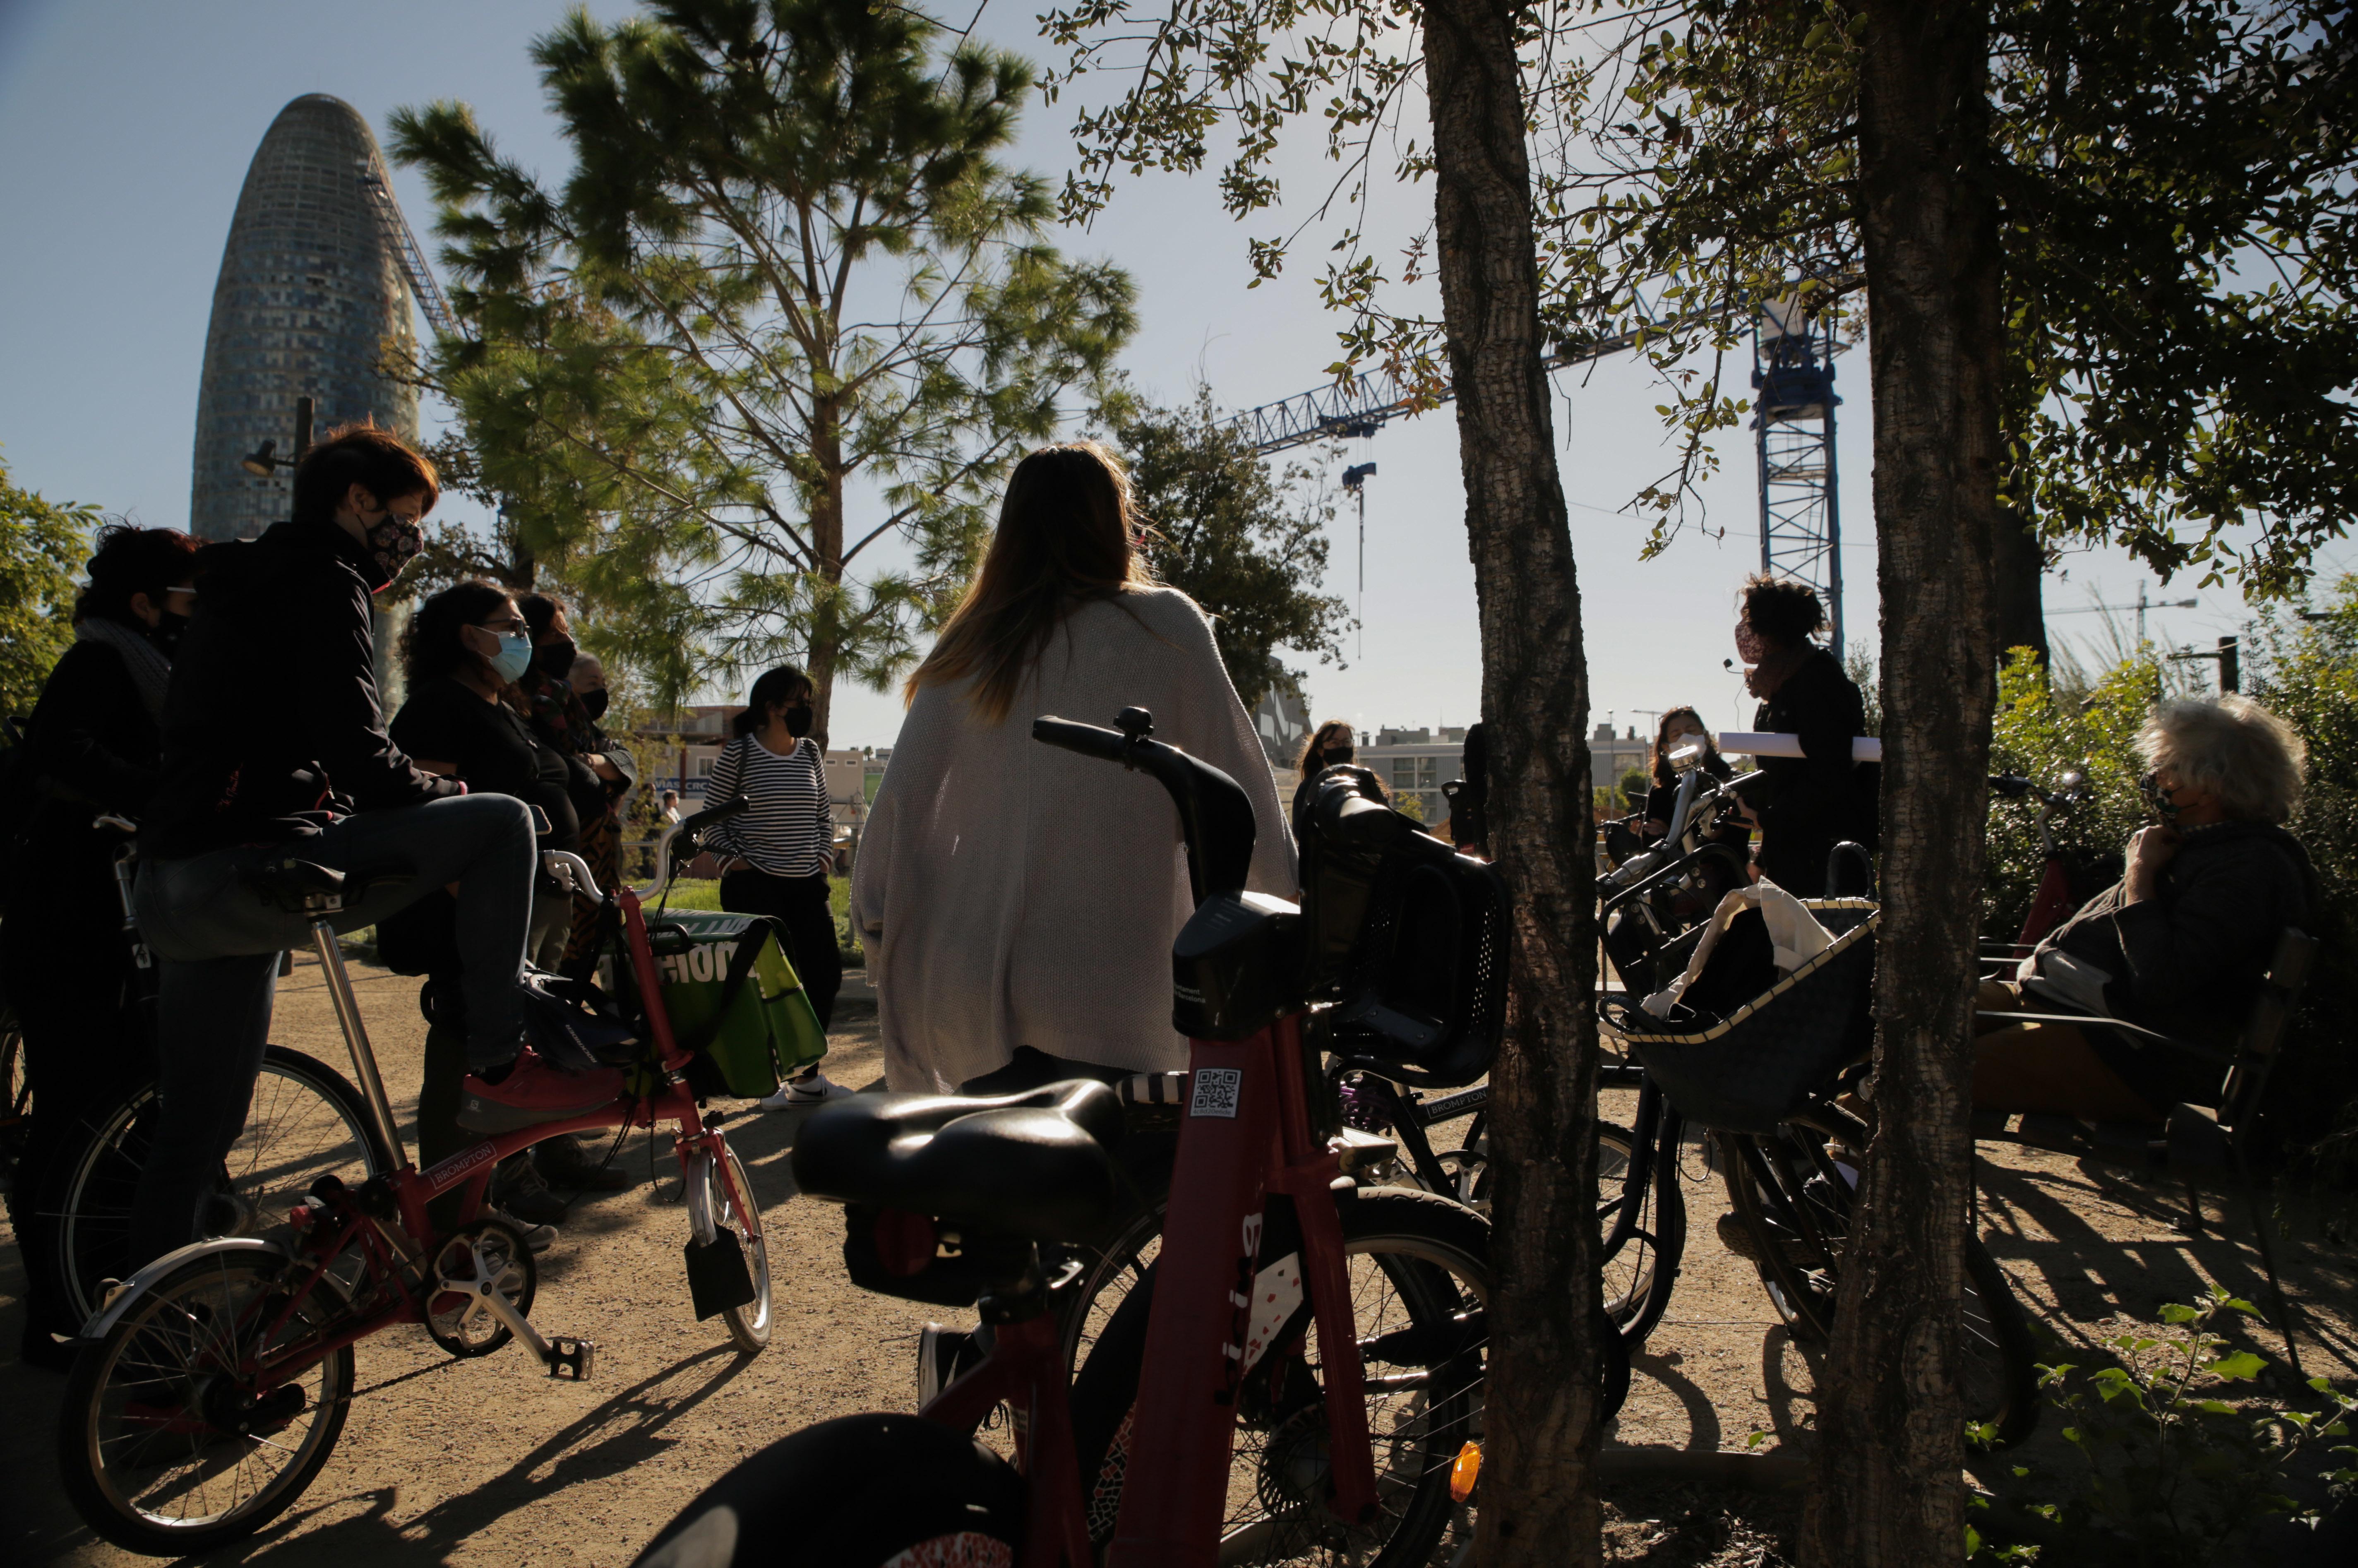 Bicicletada pels nous espais verds del Poblenou